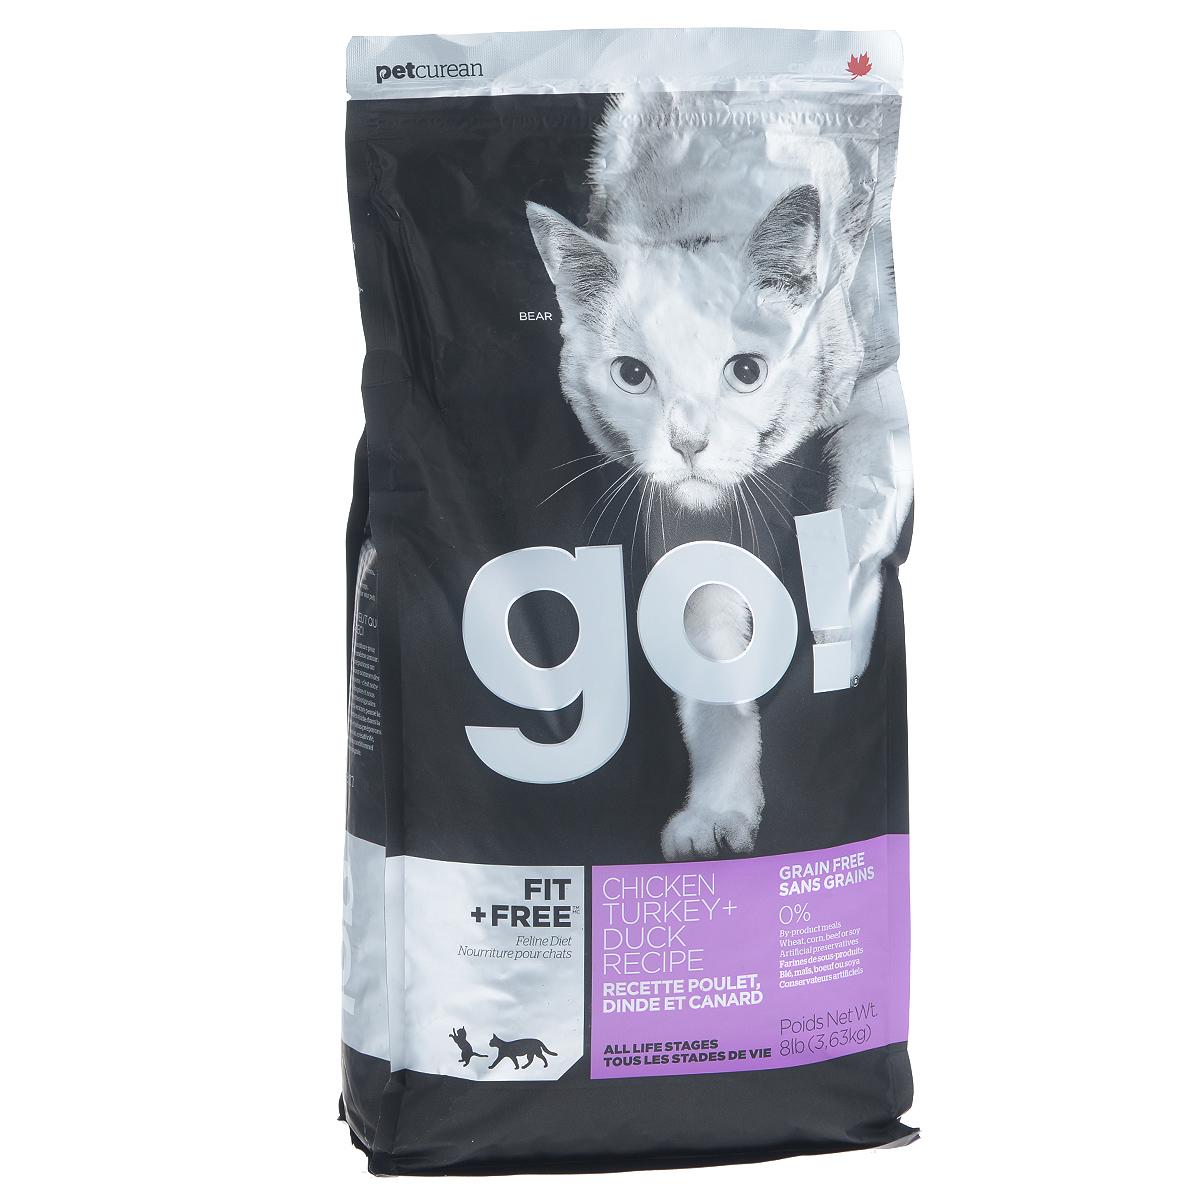 Корм сухой Go! для кошек и котят, беззерновой, с курицей, индейкой, уткой и лососем, 3,63 кг20032Беззерновой сухой корм Go! для котят и кошек - это корм со сбалансированным содержание белков и жиров. Ключевые преимущества: - Полностью беззерновой, - Небольшое количество углеводов гарантирует поддержание оптимального веса кошки, - Пробиотики и пребиотики обеспечивают здоровое пищеварение, - Не содержит субпродуктов, красителей, говядины, мясных ингредиентов, выращенных на гормонах, - Таурин необходим для здоровья глаз и нормального функционирования сердечной мышцы, - Докозагексаеновая кислота (DHA) и эйкозапентаеновая кислота (EPA) необходима для нормальной деятельности мозга и здорового зрения, - Омега-масла в составе необходимы для здоровой кожи и шерсти, - Антиоксиданты укрепляют иммунную систему. Состав: свежее мясо курицы, филе курицы, филе индейки, утиное филе, свежее мясо индейки, свежее мясо лосося, филе форели, куриный жир (источник витамина Е), натуральный рыбный ароматизатор, горошек,...